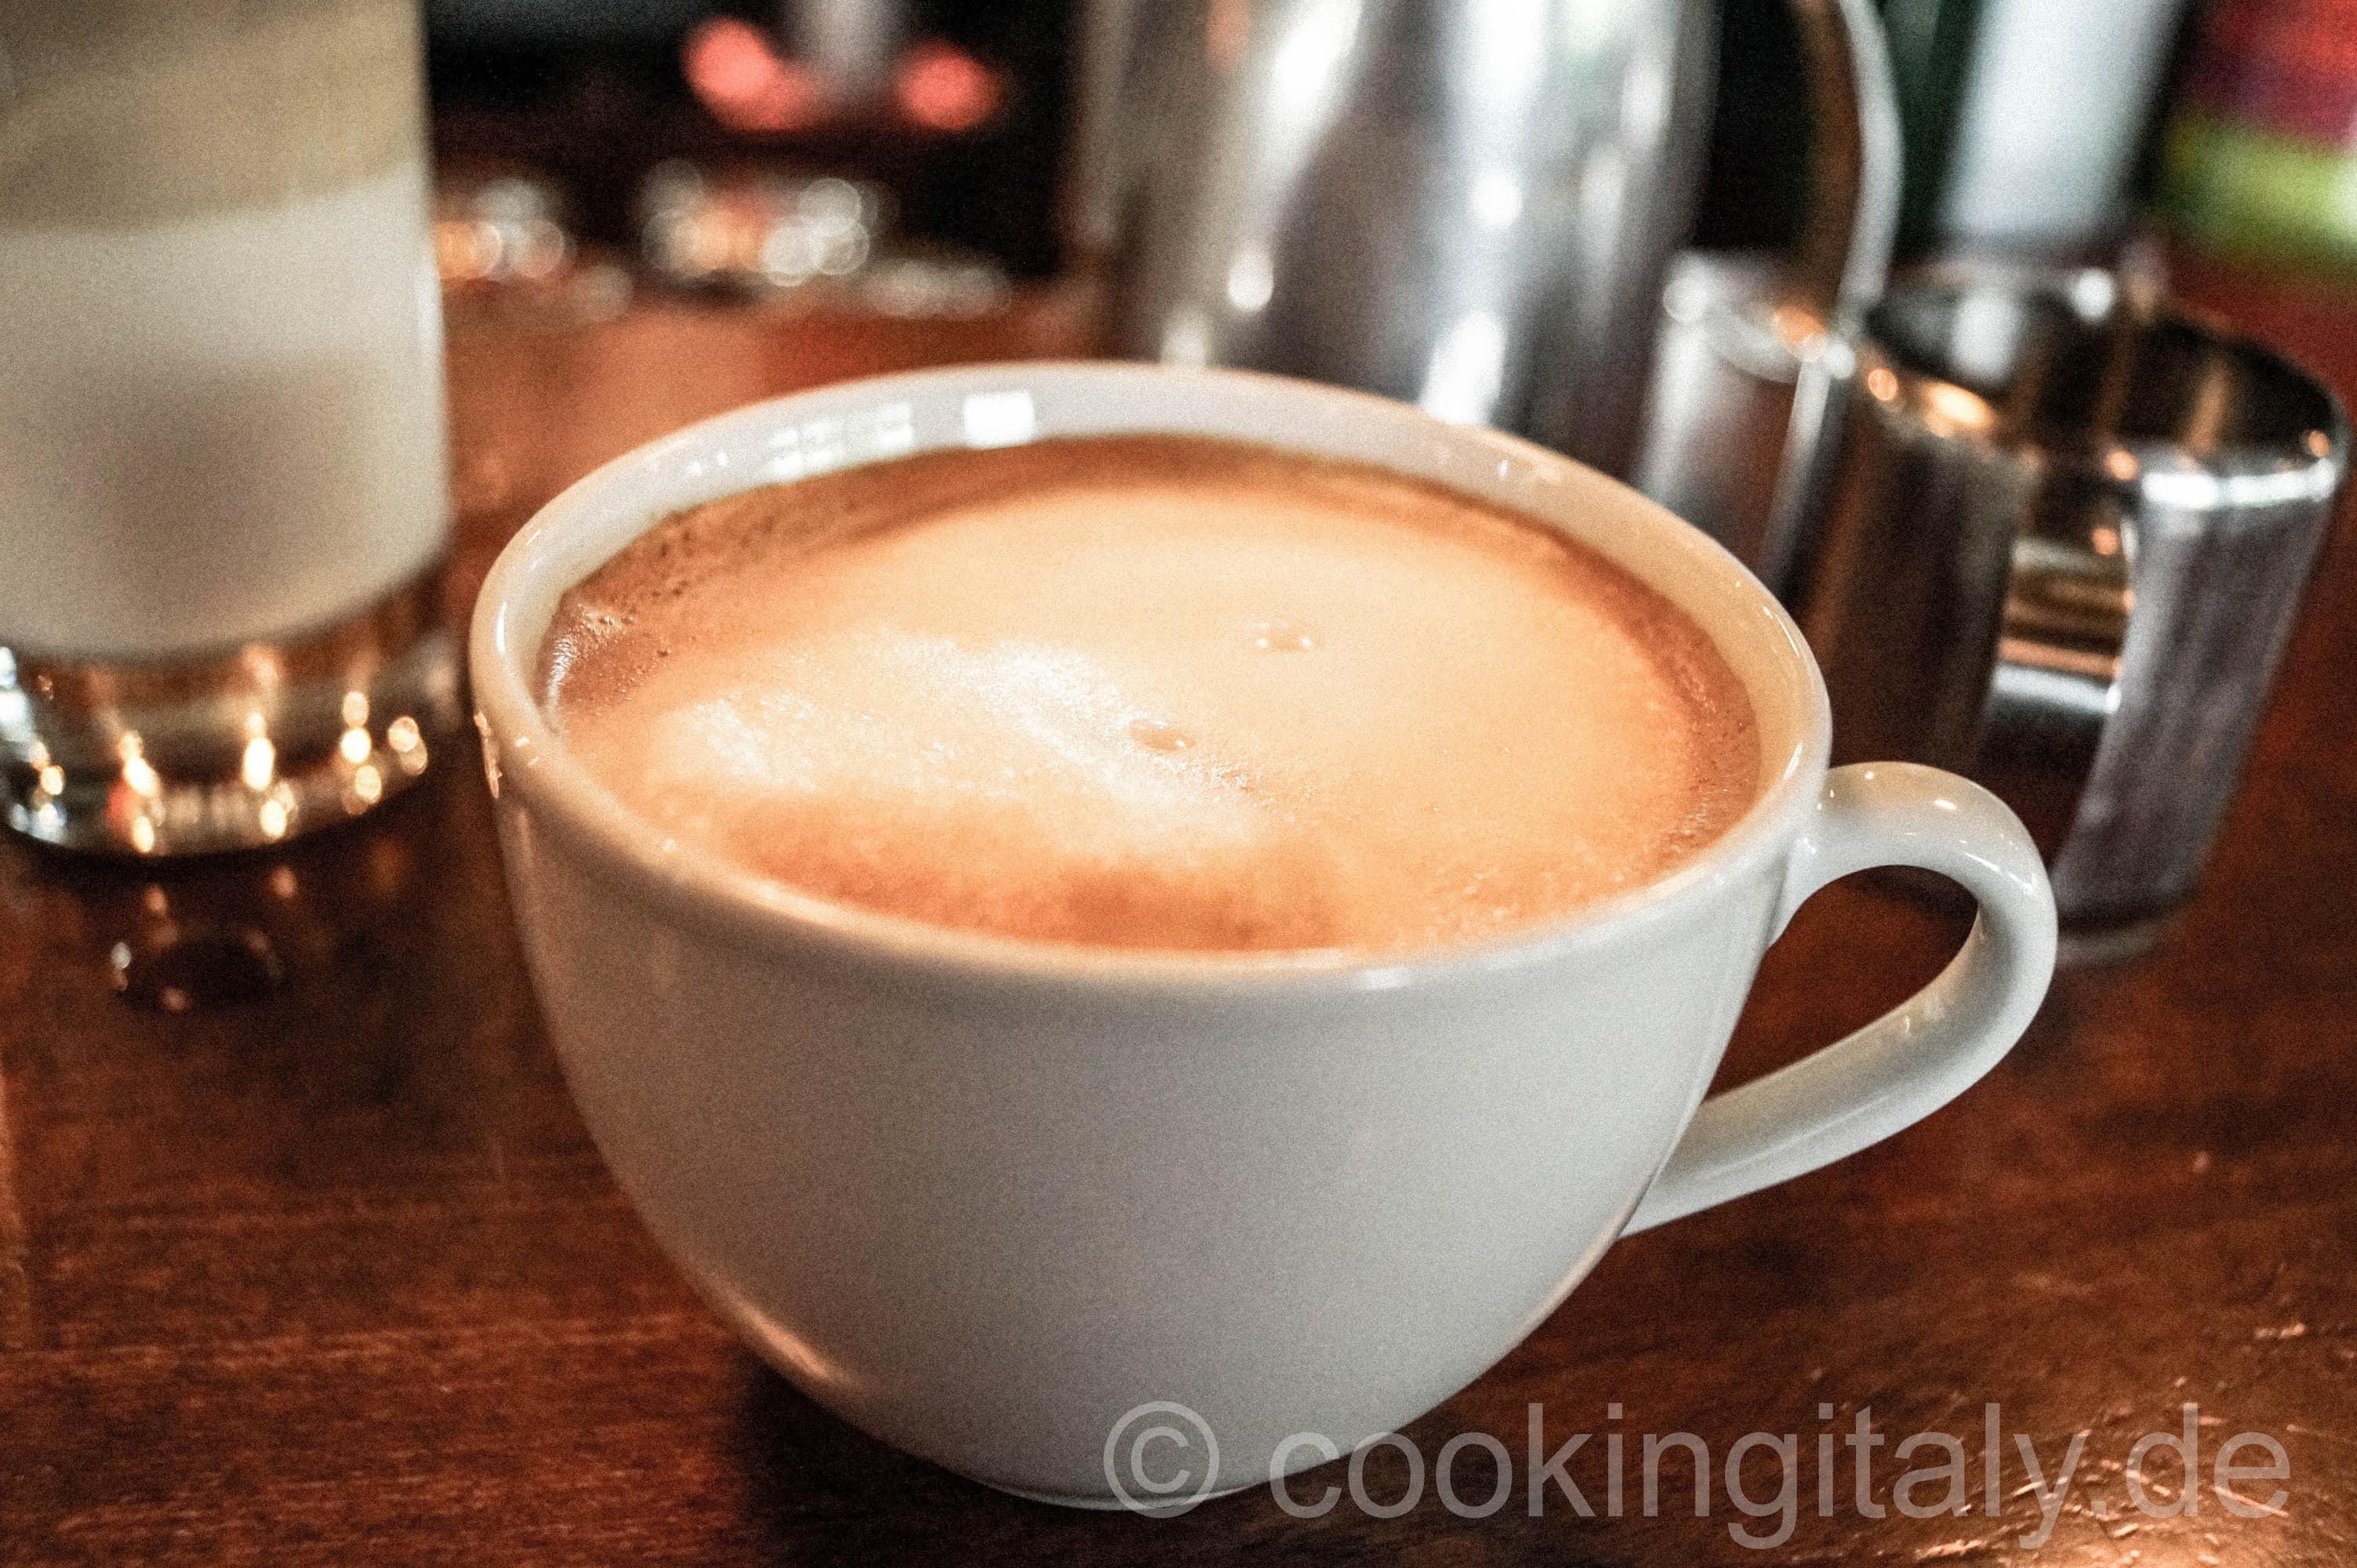 espresso cappuccino latte macchiato und co cooking italy. Black Bedroom Furniture Sets. Home Design Ideas